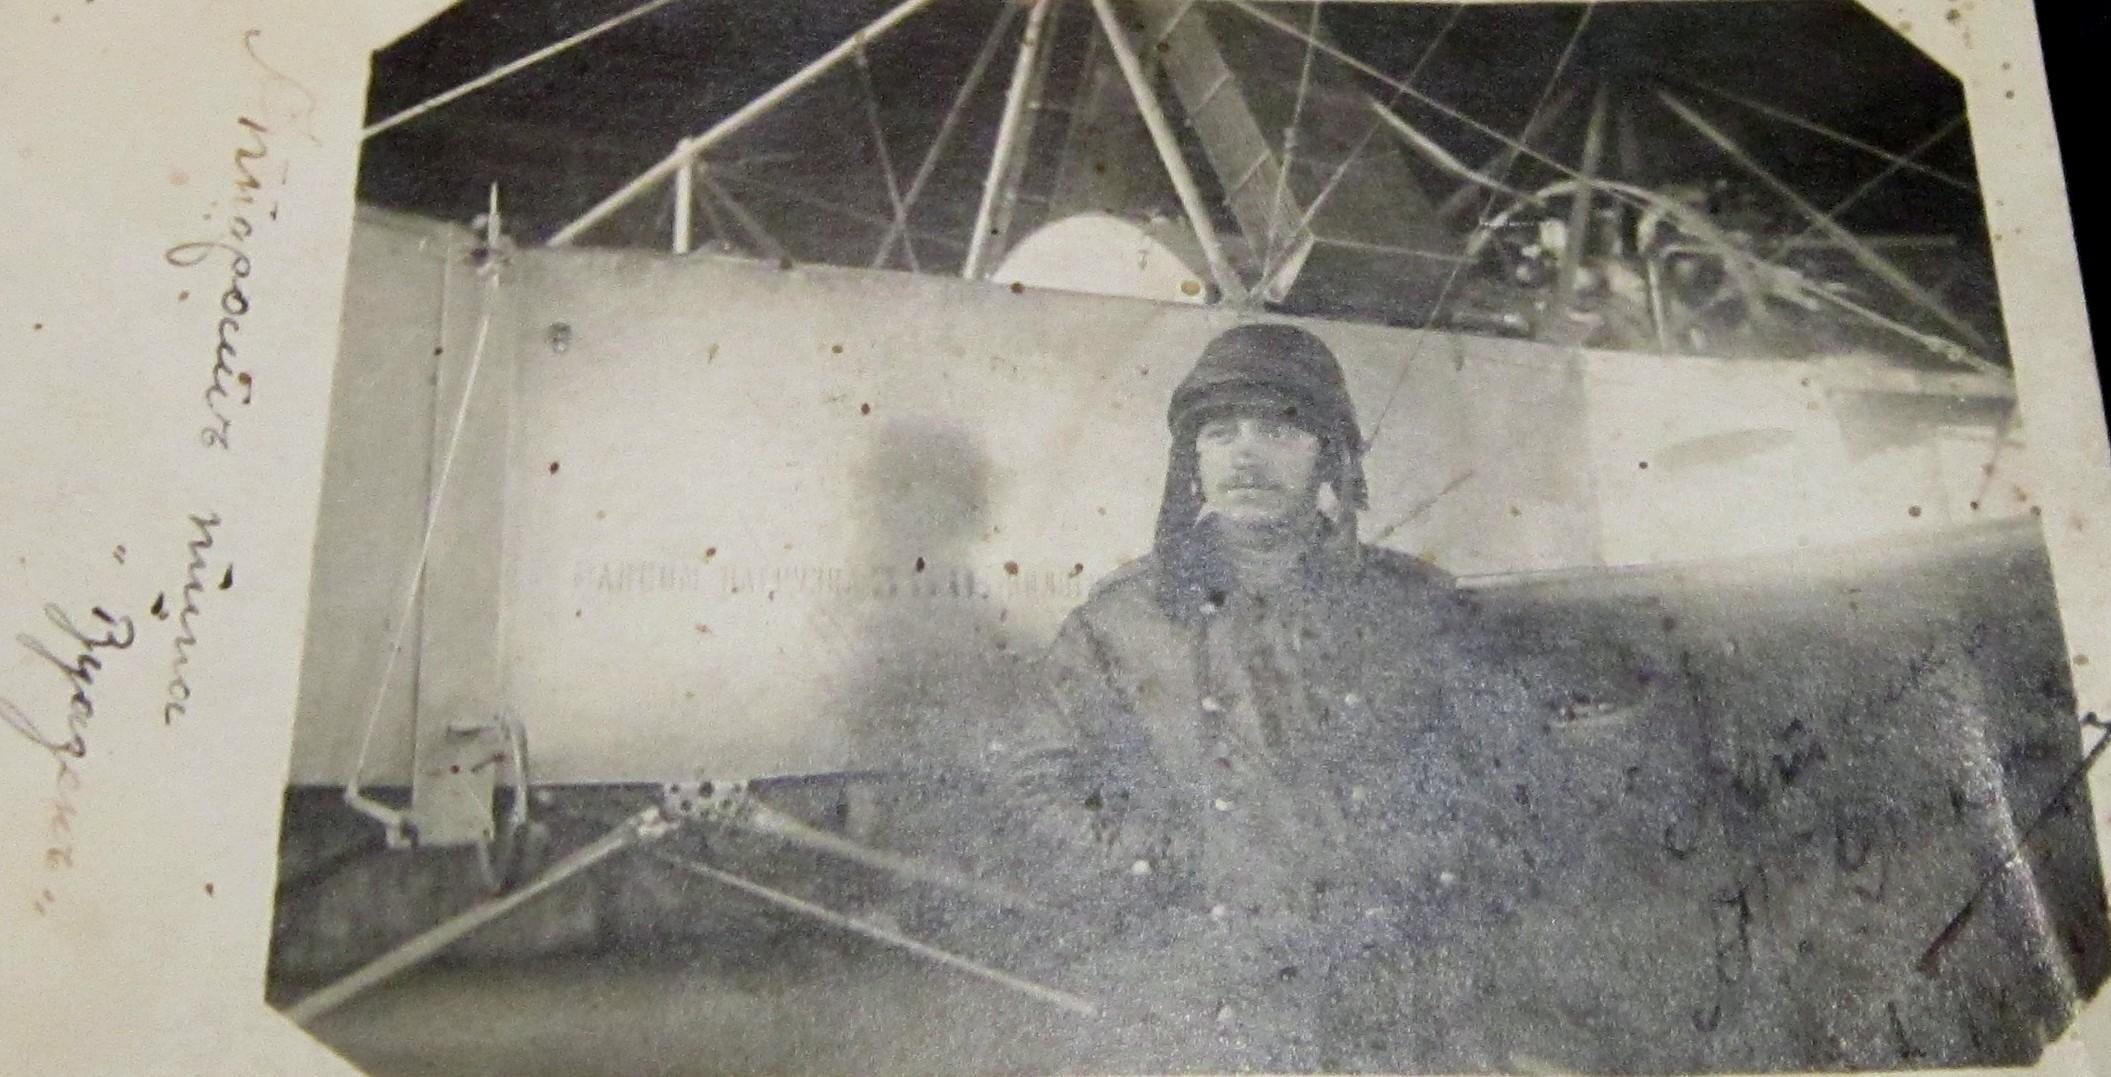 А. П. Дьяконов - лётчик 35 авиаотряда Юго-Западного фронта. 1916 год.